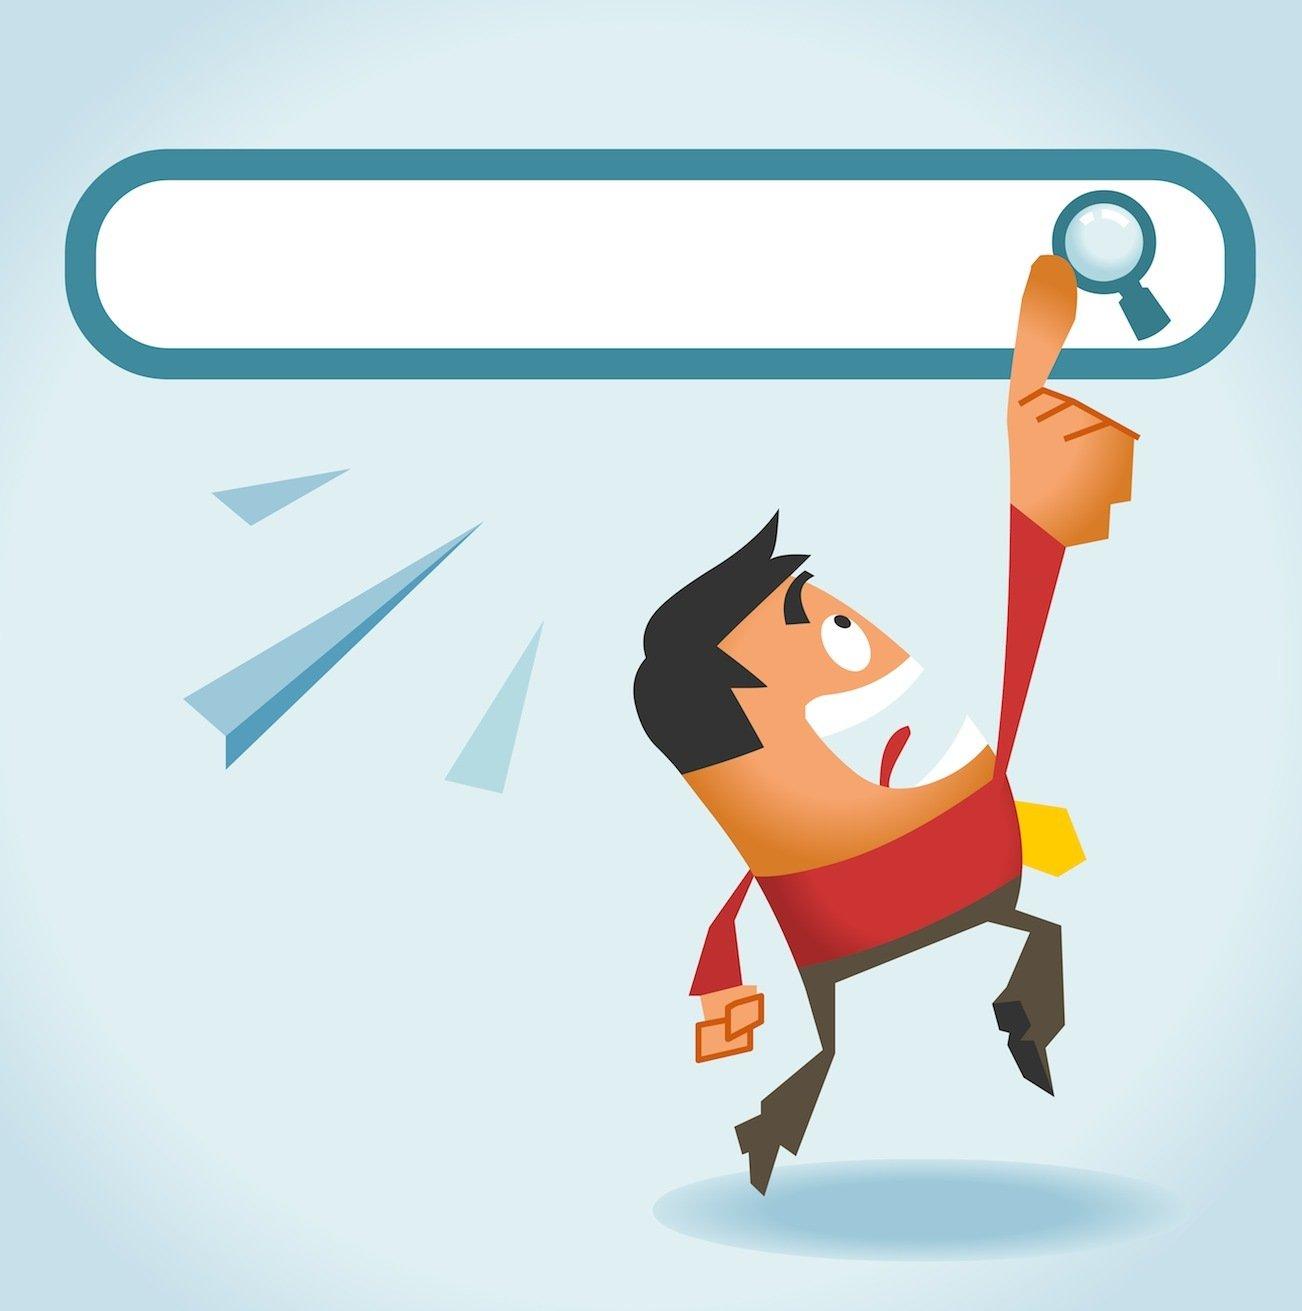 Web crawlers search